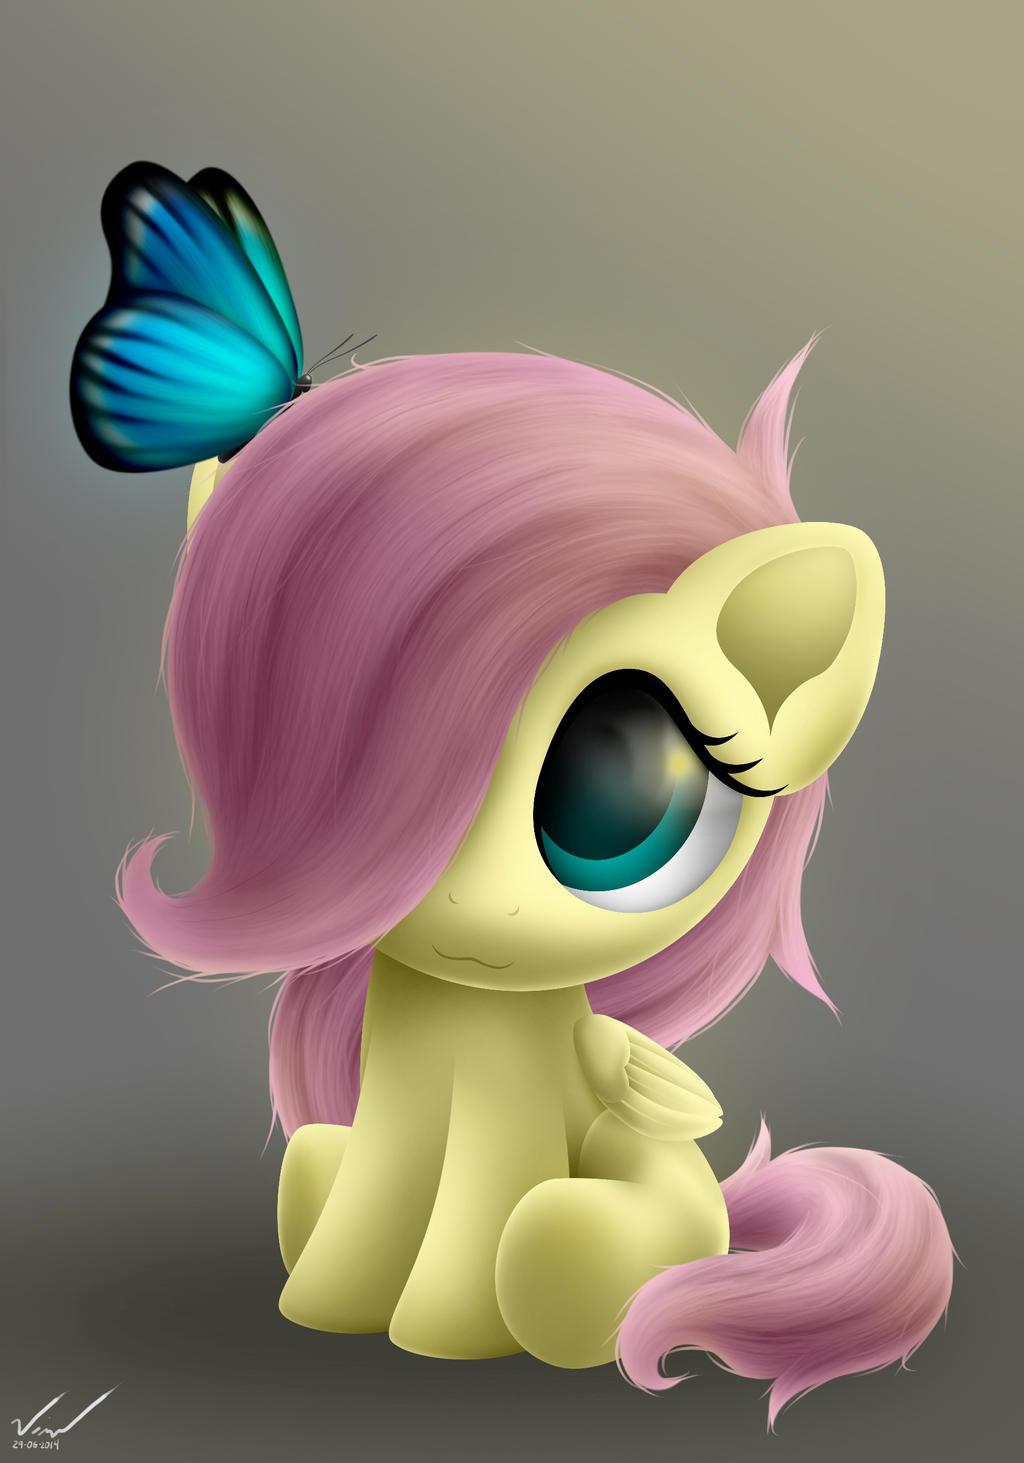 Baby Fluttershy by SymbianL